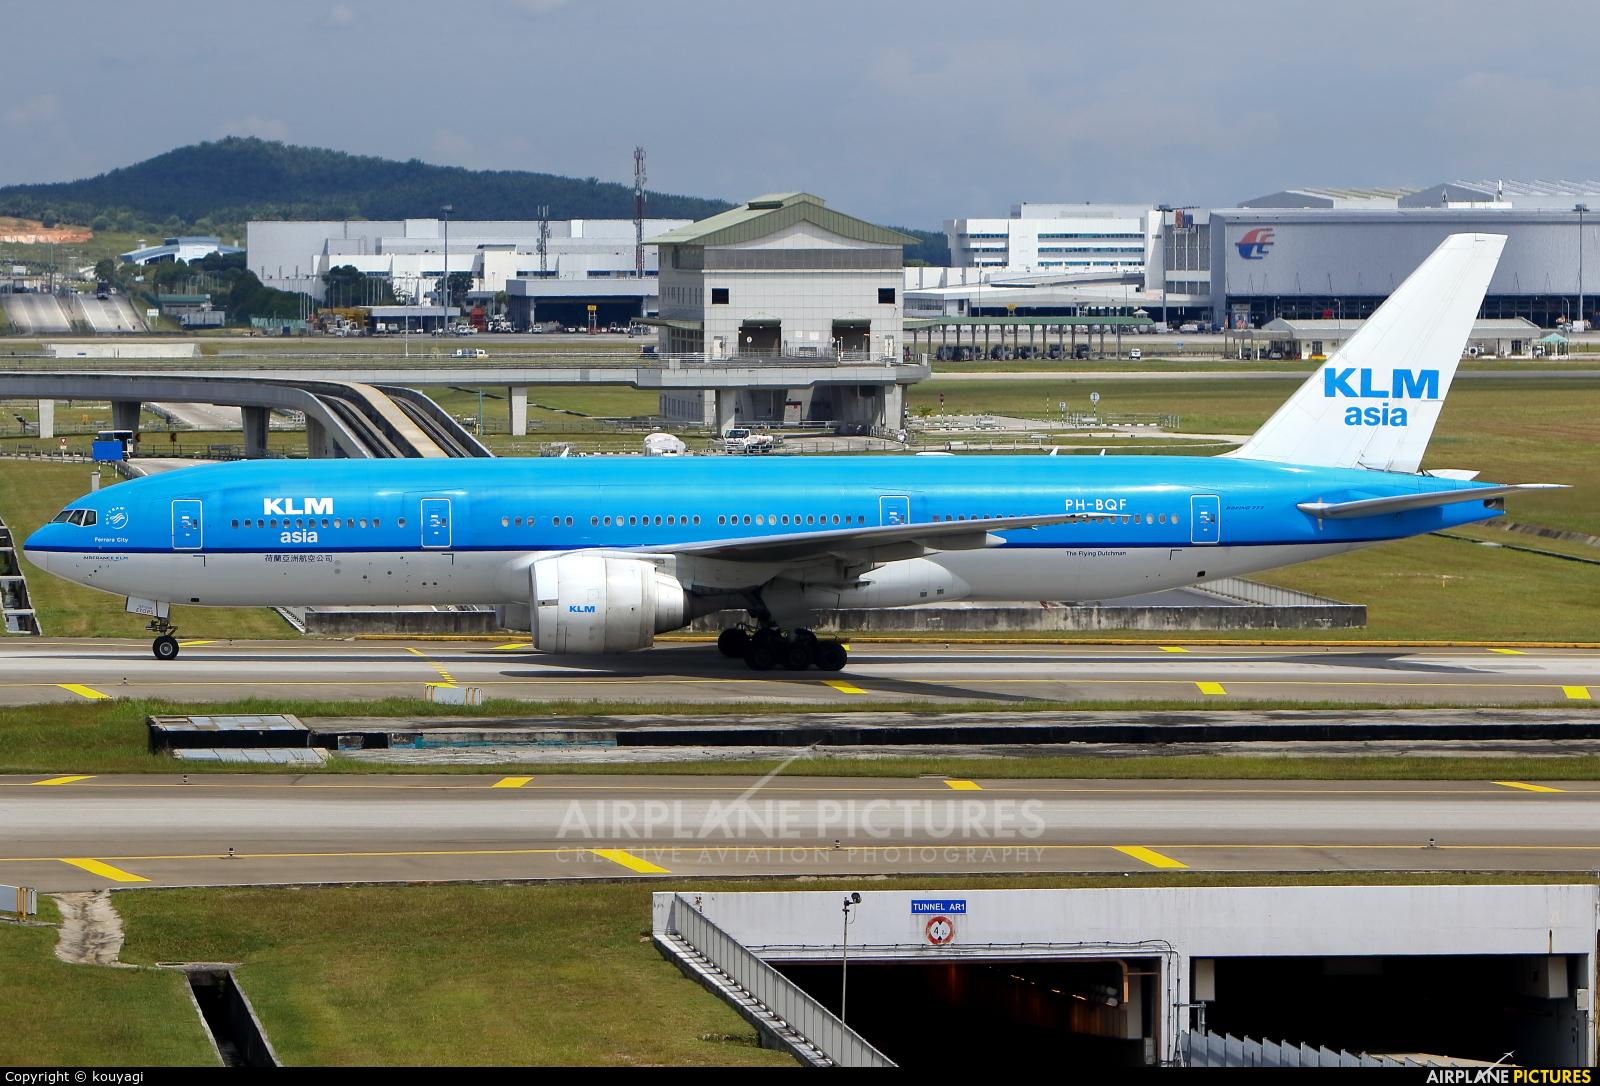 KLM Asia PH-BQF aircraft at Kuala Lumpur Intl